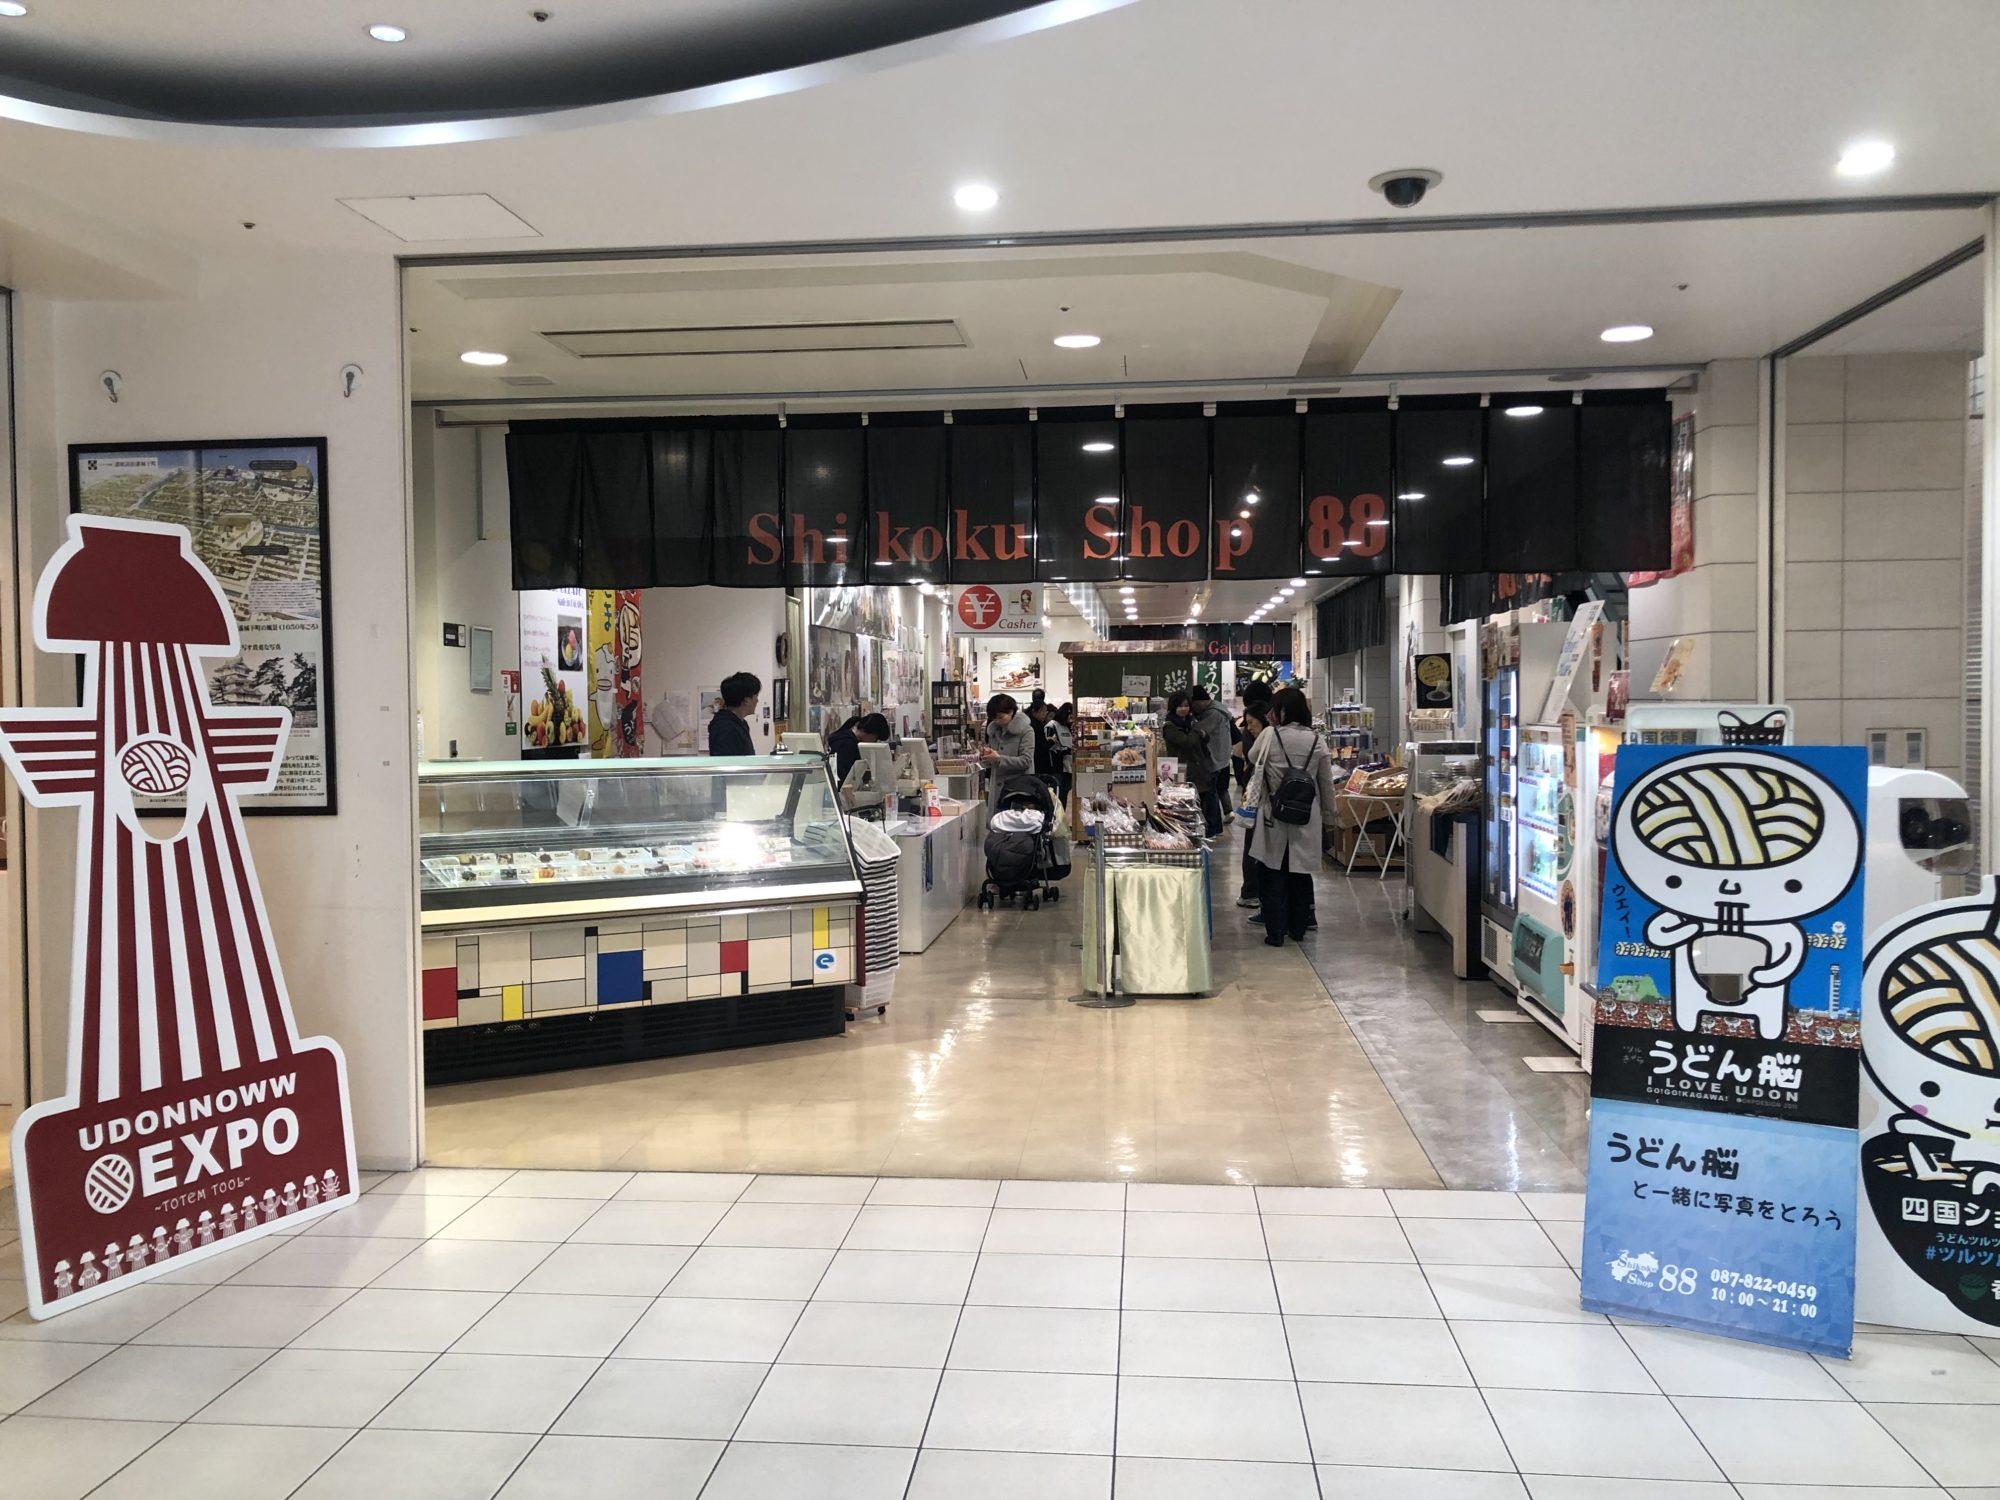 四国ショップ88/香川県高松駅 シンボルタワー〜お土産をみたり、クレープやソフトクリームをたべる〜